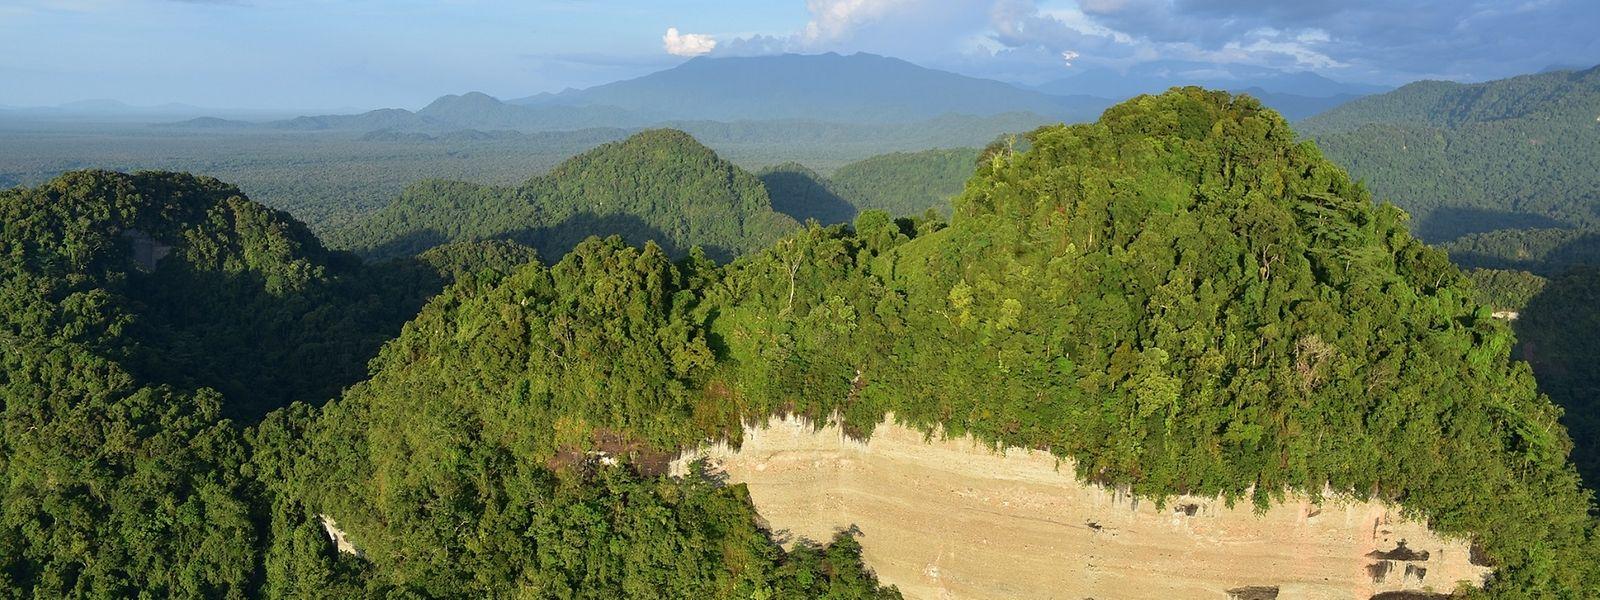 Natur pur: Die Region East Sepik ist nach dem größten Fluss des Landes – dem Sepik – benannt. Das Gebiet, das von Bergland geprägt ist, ist touristisch bereits gut erschlossen.